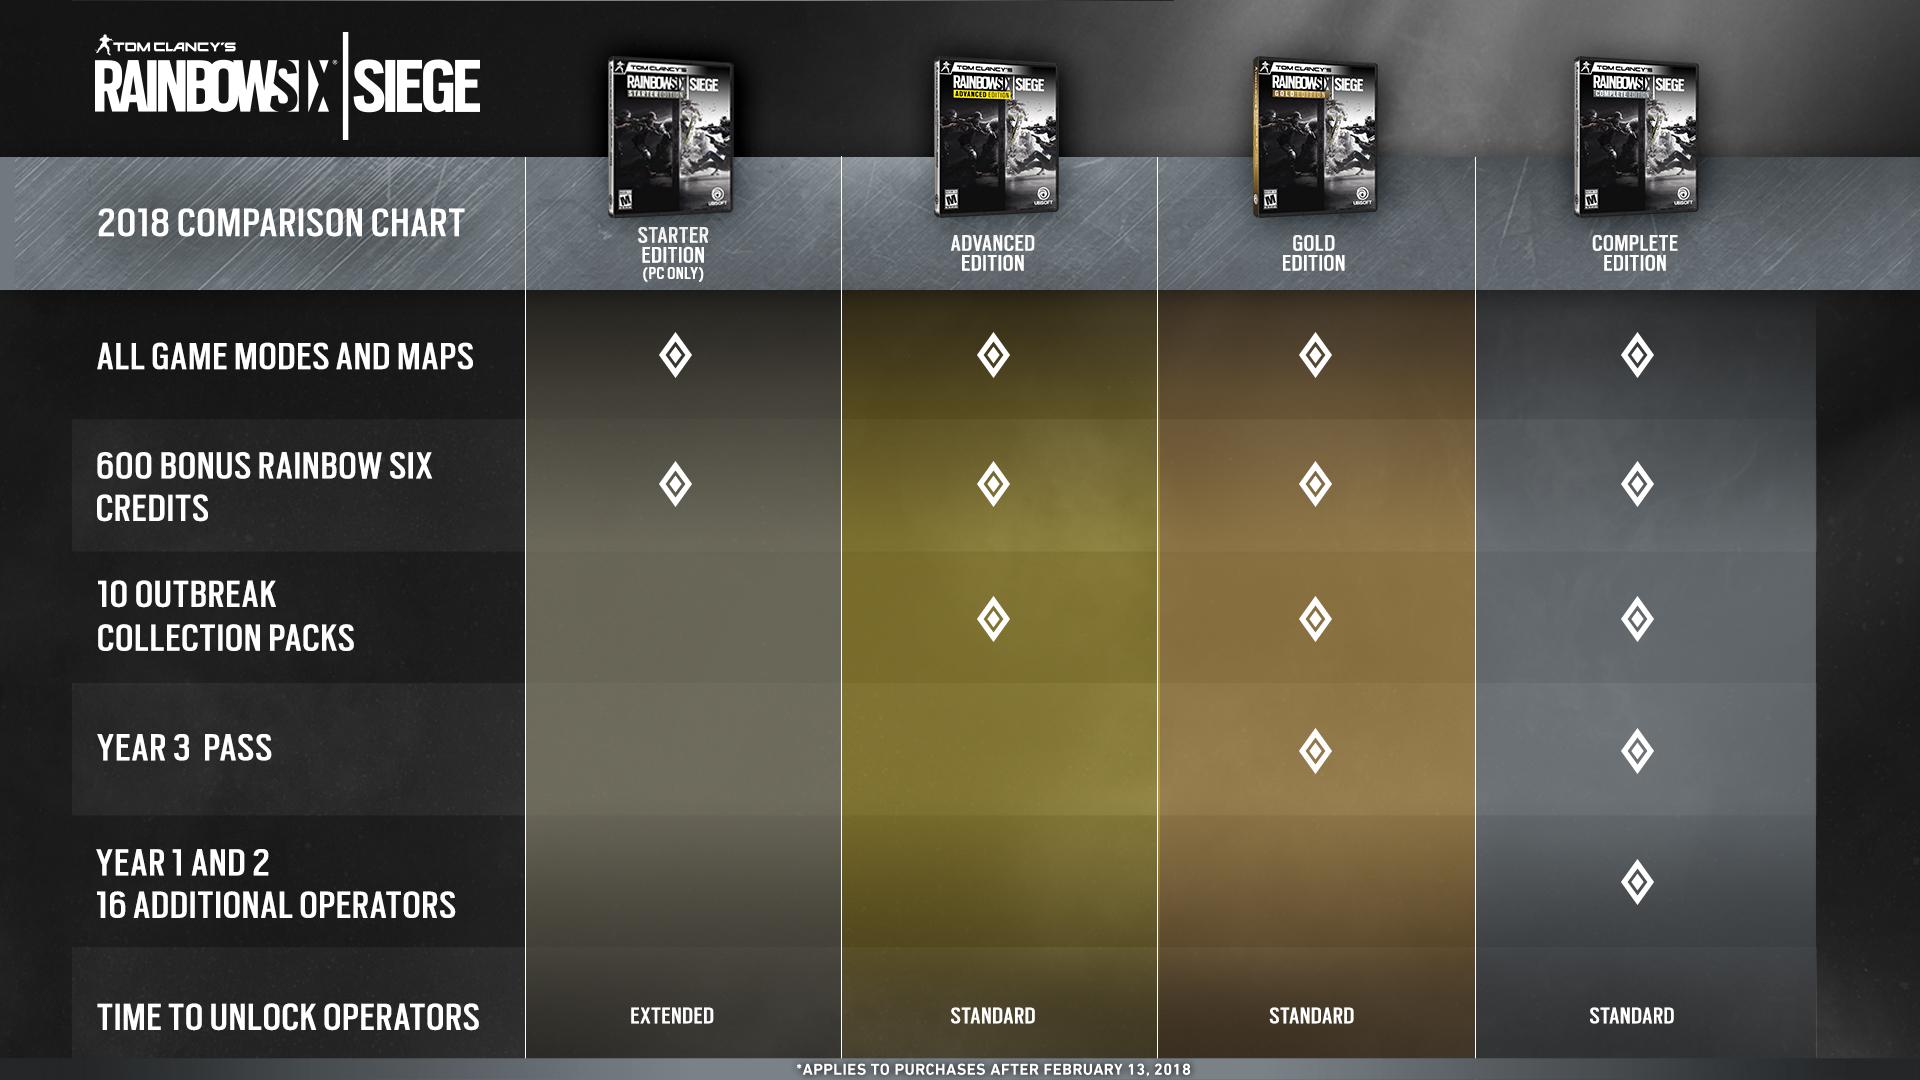 Rainbow Six: Siege - Ubisoft va changer le prix moyen vers le haut